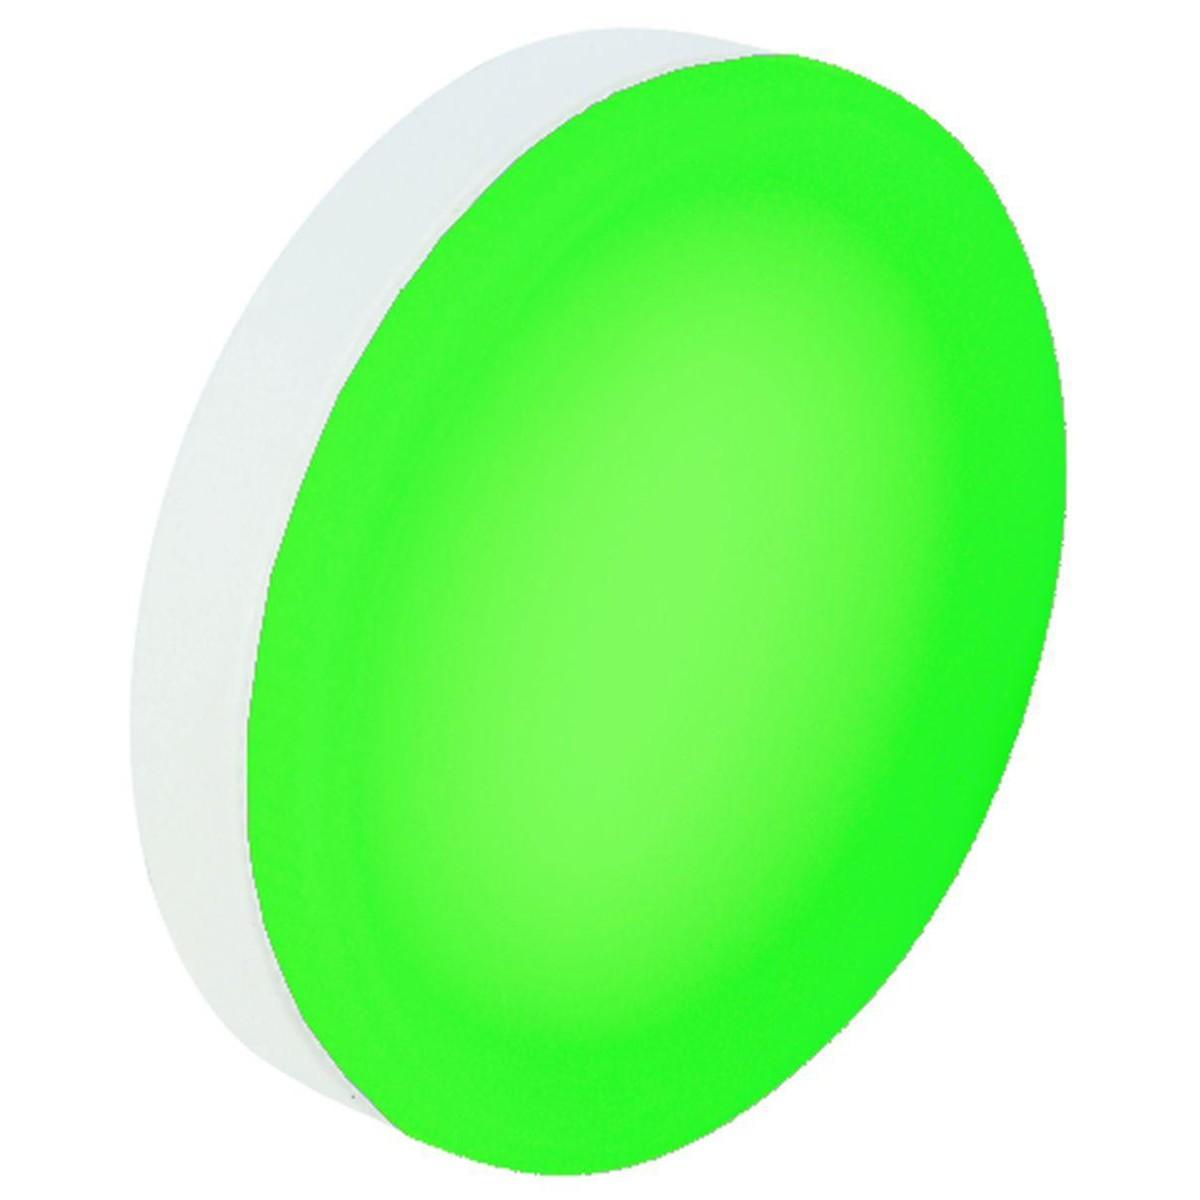 Лампа Ecola Premium светодионая GX53 12 Вт таблетка Лм нейтральный свет